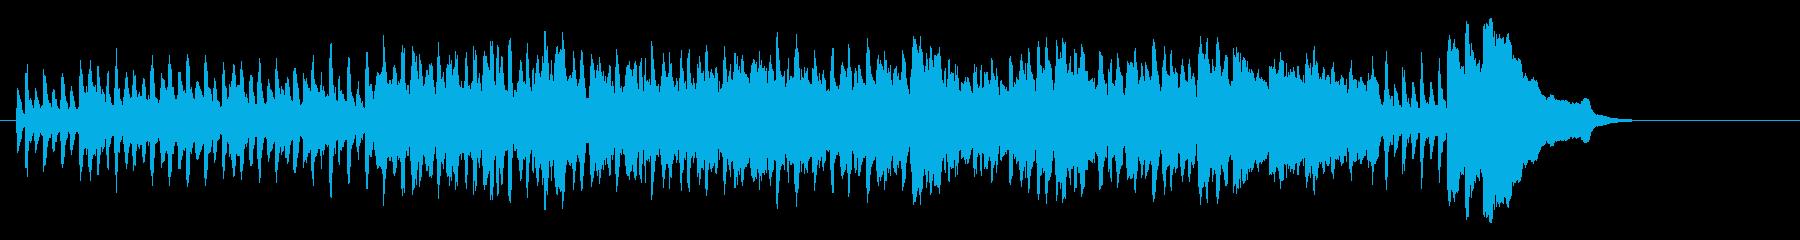 落ち葉が軽やかに舞う上品なクラシックの再生済みの波形